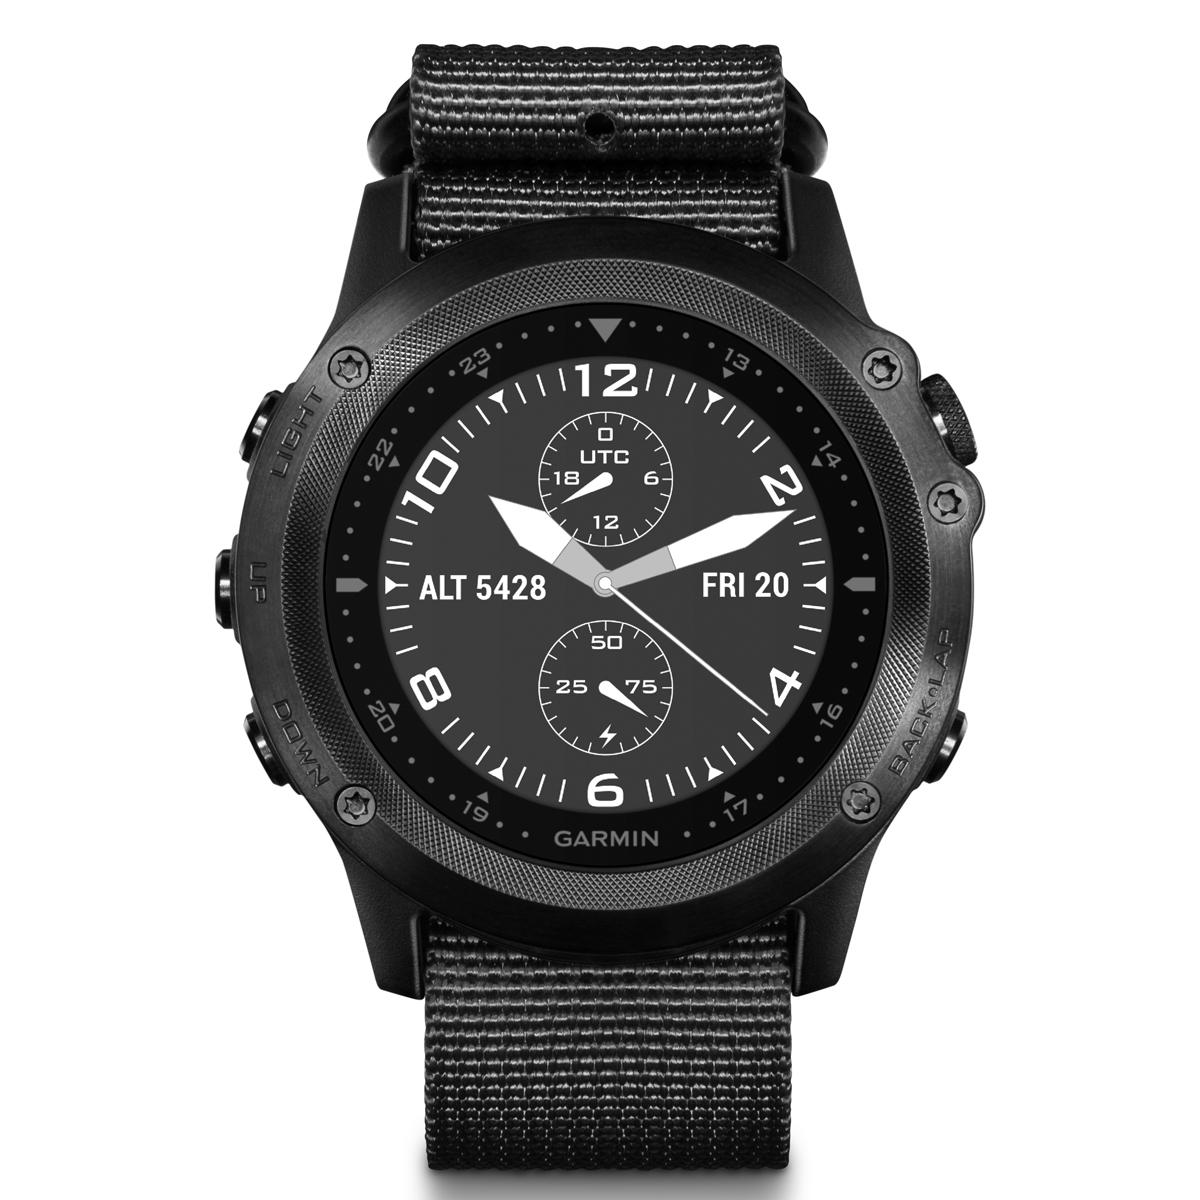 Спортивные часы Garmin Tactix Bravo , цвет: черный. 010-01338-0B010-01338-0BОтдельный профиль для боевых действий с настраиваемым полем данных с двойной координатной сеткой и предзагруженными приложениями, например, Jumpmaster и проекцией маршрутных точек. Два режима подсветки: для обычного использования и работы с прибором ночного видения, сапфировое стекло, ремешок сделан из баллистического нейлона Мониторинг: Физической активности Датчики: GPS- трекер;Барометр;Гироскоп;Компас;Альтиметр (высотомер);Датчик освещенности;GPS- трекер Особенности: Влагозащищенный;Оповещения со смартфона;Часы;Водонепроницаемый;Противоударный Совместимое ОС: GARMIN Материал корпуса: Нержавеющий медицинский металл Материал ремешка/браслета: Текстиль Длина ремешка: 16 см Время работы: 6 недель Интерфейс: Bluetooth Метод зарядки: microUSB 2.0 Вид аккумулятора: Li-ion Емкость аккумулятора: 300 mA